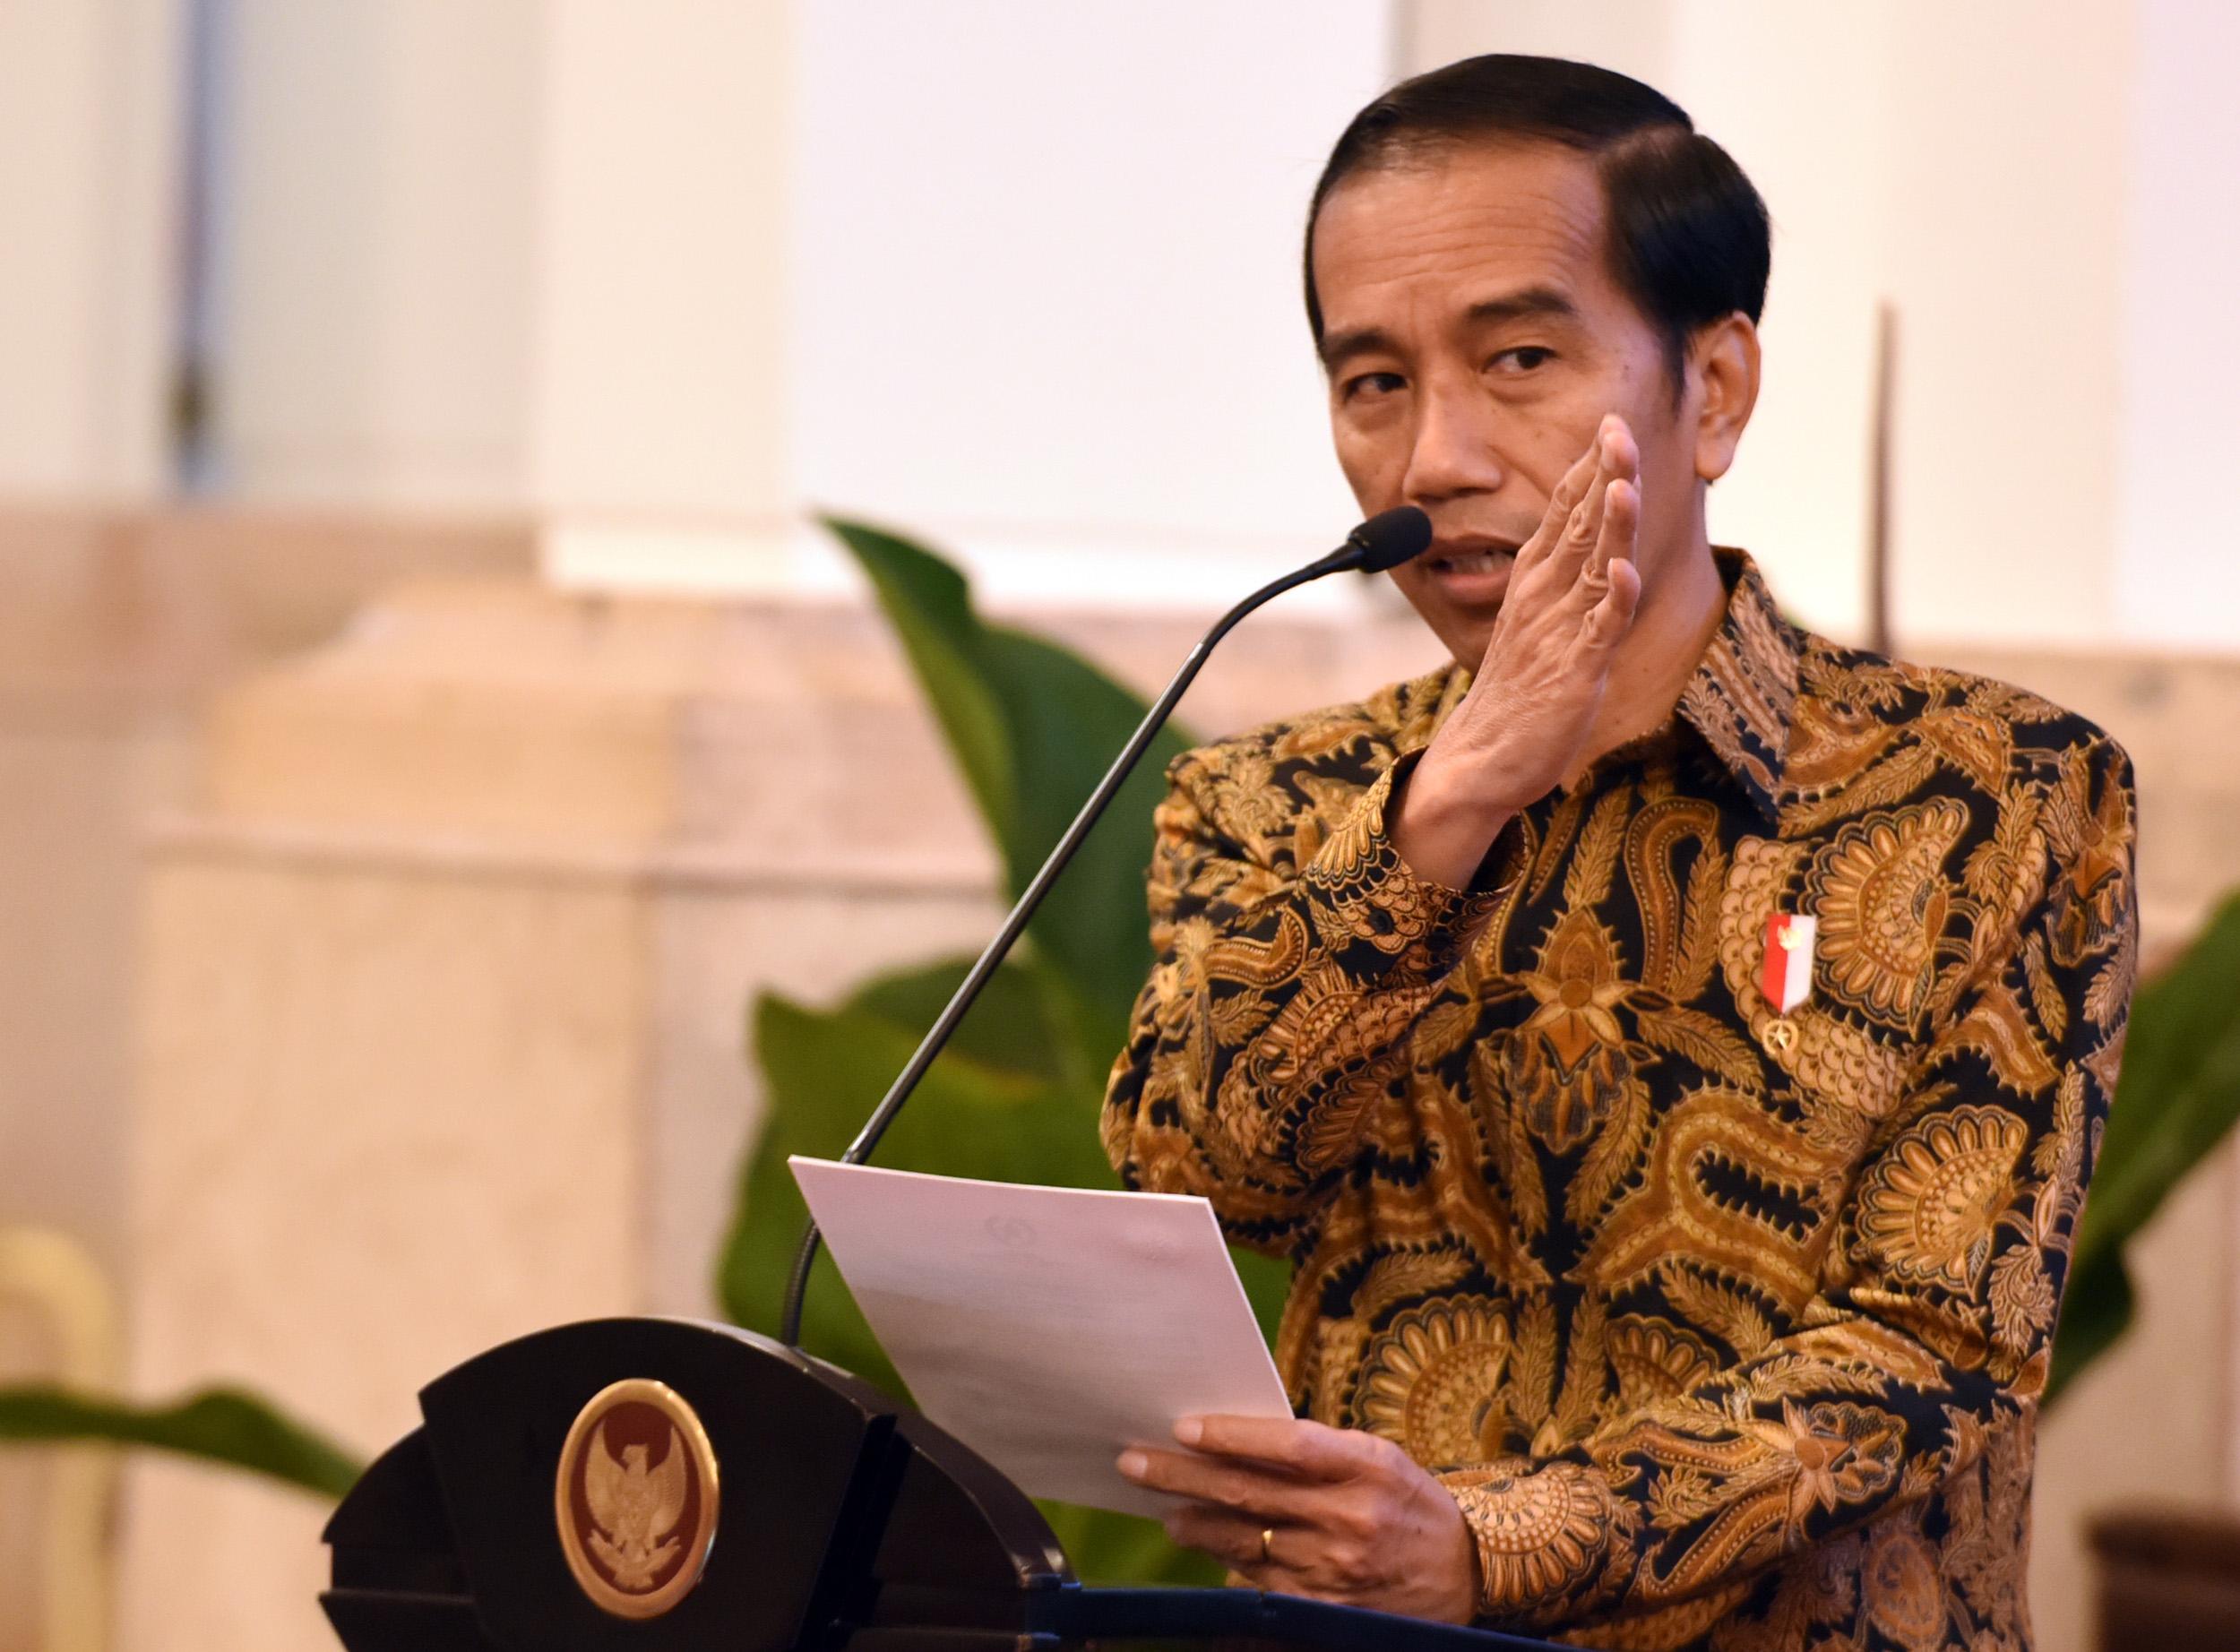 Presiden Jokowi dalam sambutannya pada acara Financial Closing Pembiayaan Investasi Non Anggaran Pemerintah Tahun 2017, di Istana Negara, Jakarta, Jumat (17/2) siang. (Foto: Humas/Rahmat)